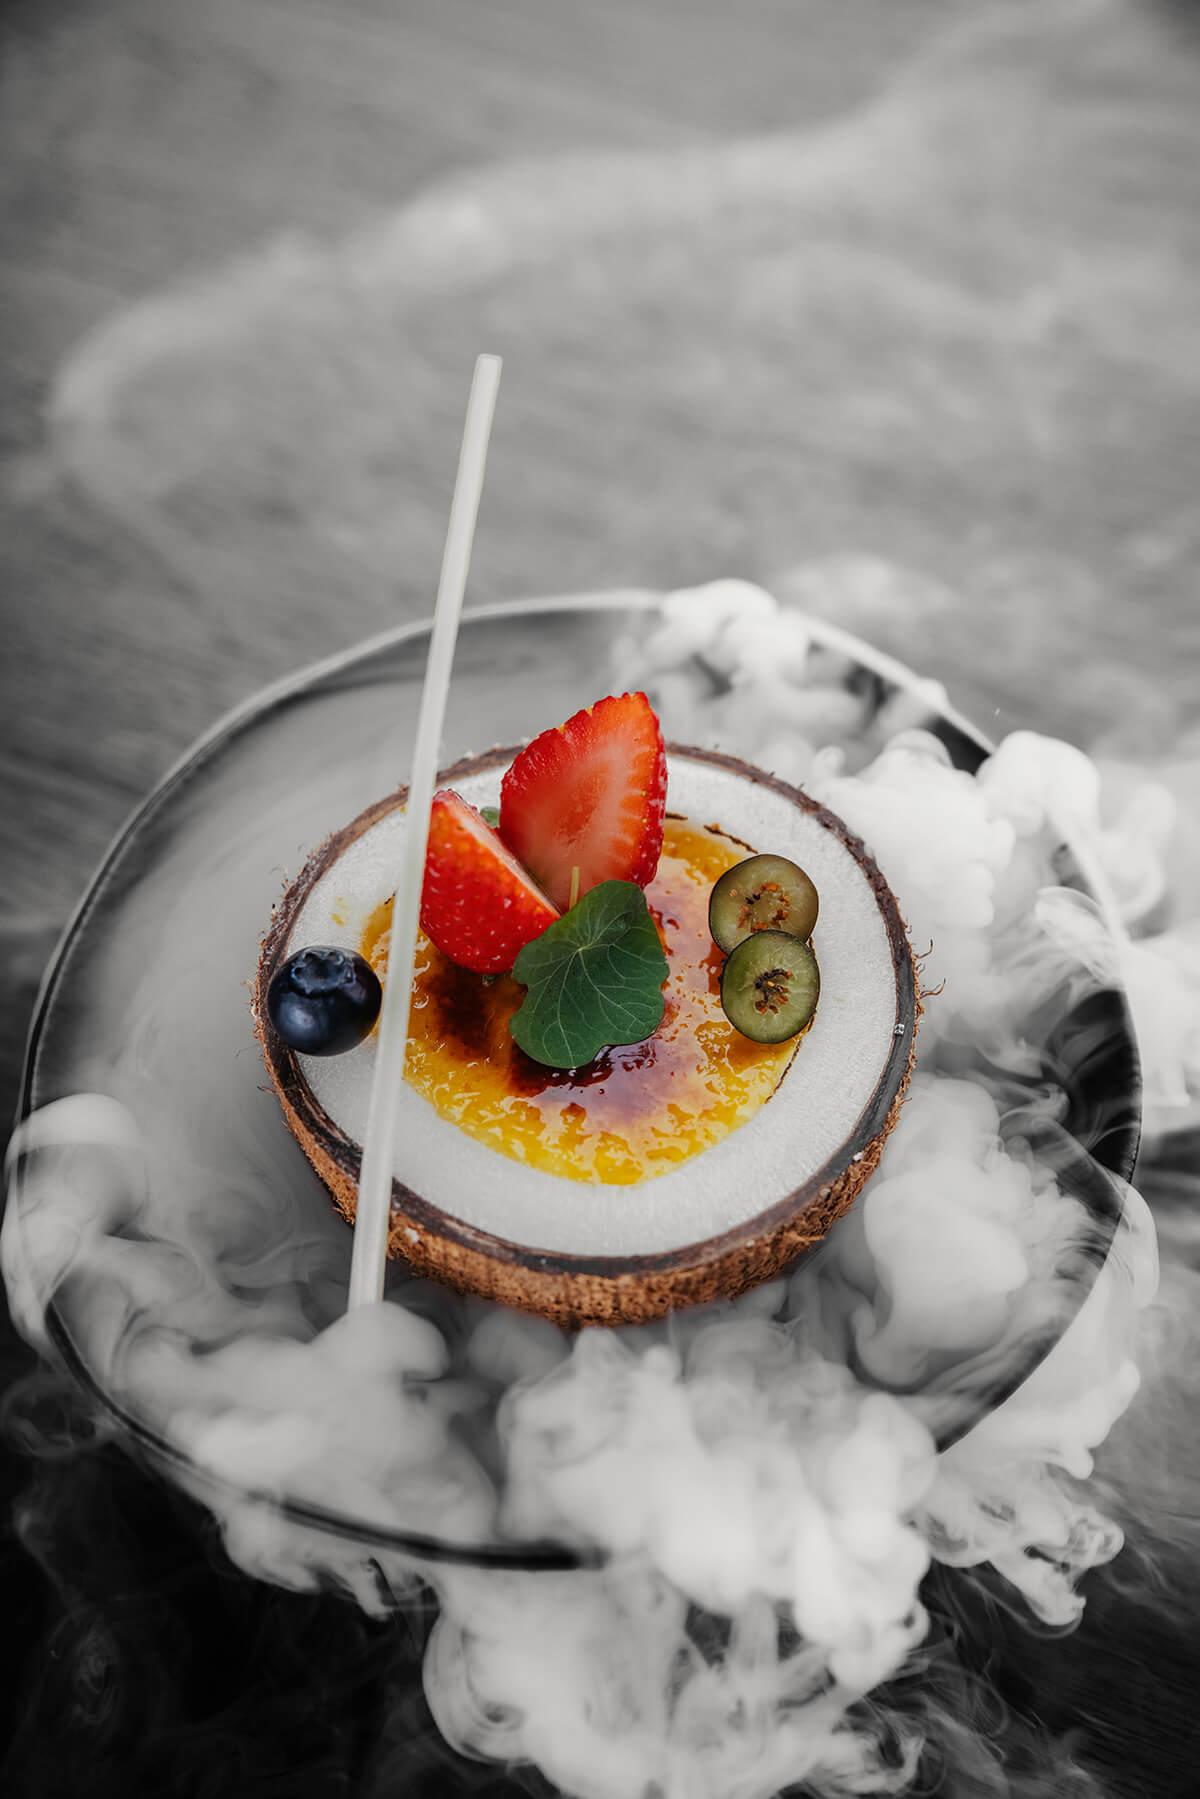 مطعم بينجارونج يعيد افتتاح أبوابه بتصميم جديد في فندق دوست ثاني دبي ابتداءً من 8 نوفمبر